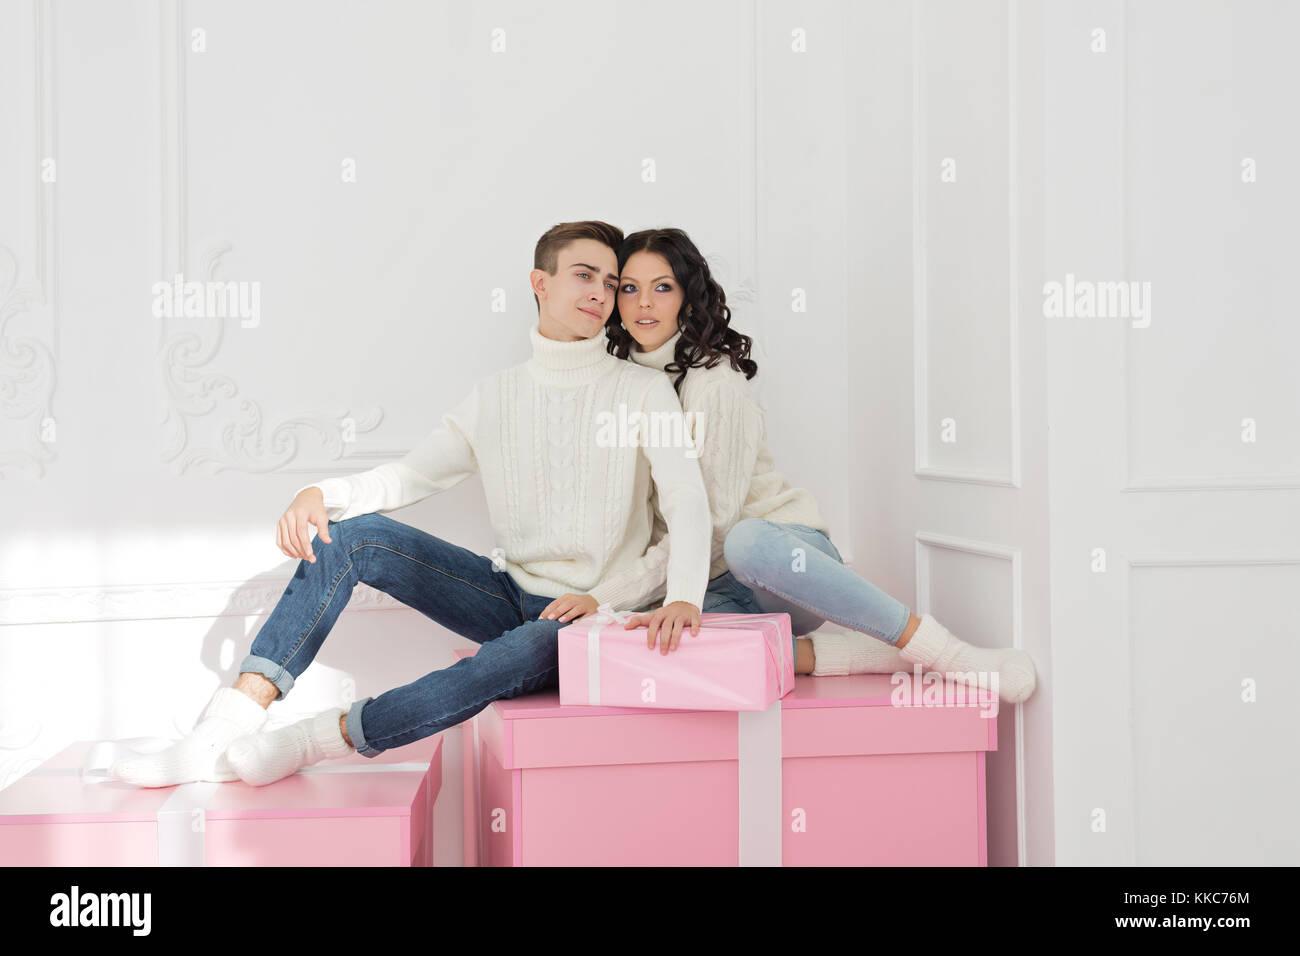 Paar Jugendliche sitzen auf Geschenke. Sie tragen die gleichen ...